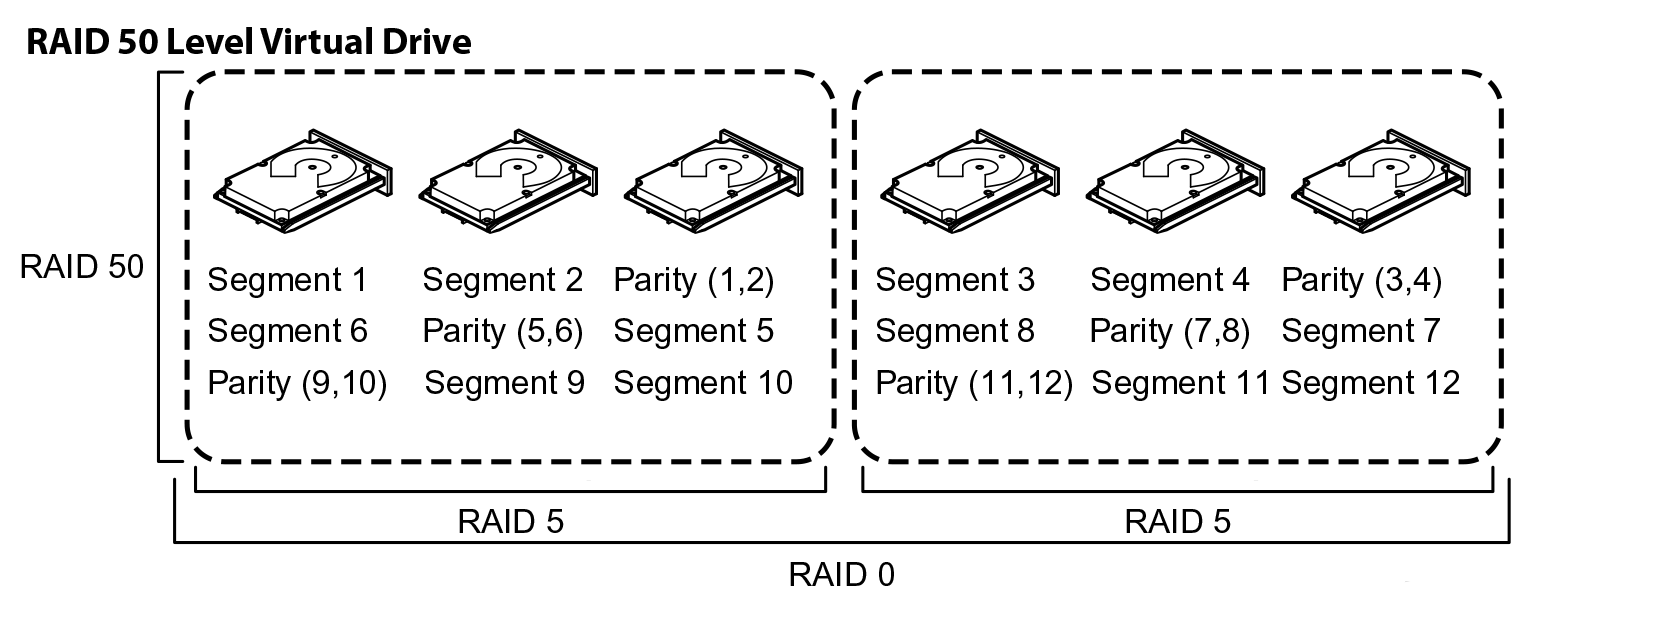 Делимся опытом, как показывают себя SSD в рамках RAID и какой уровень массива выгоднее - 8